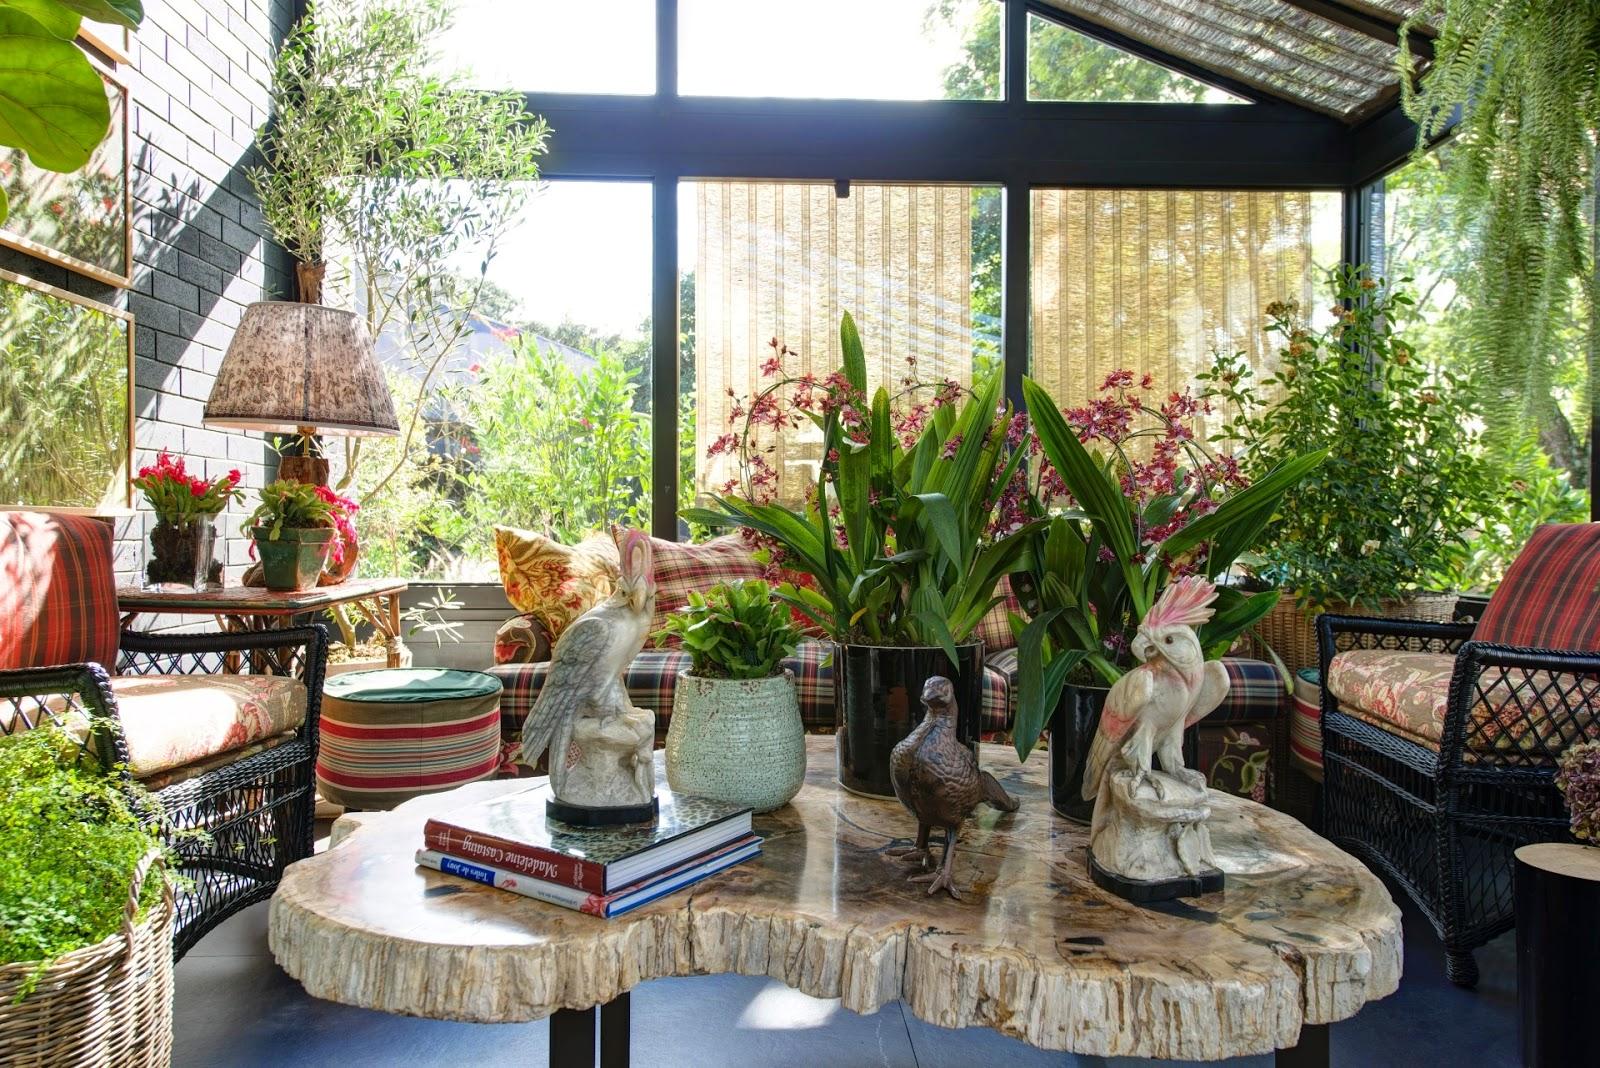 no-terraco-da-casa-de-campo-projetada-por-sig-bergamin-as-variadas-especies-de-plantas-estao-distribuidas-entre-as-pecas-marcadas-pelo-mistura-de-estampas-e-pelas-cores-quentes-a-1403027.jpg